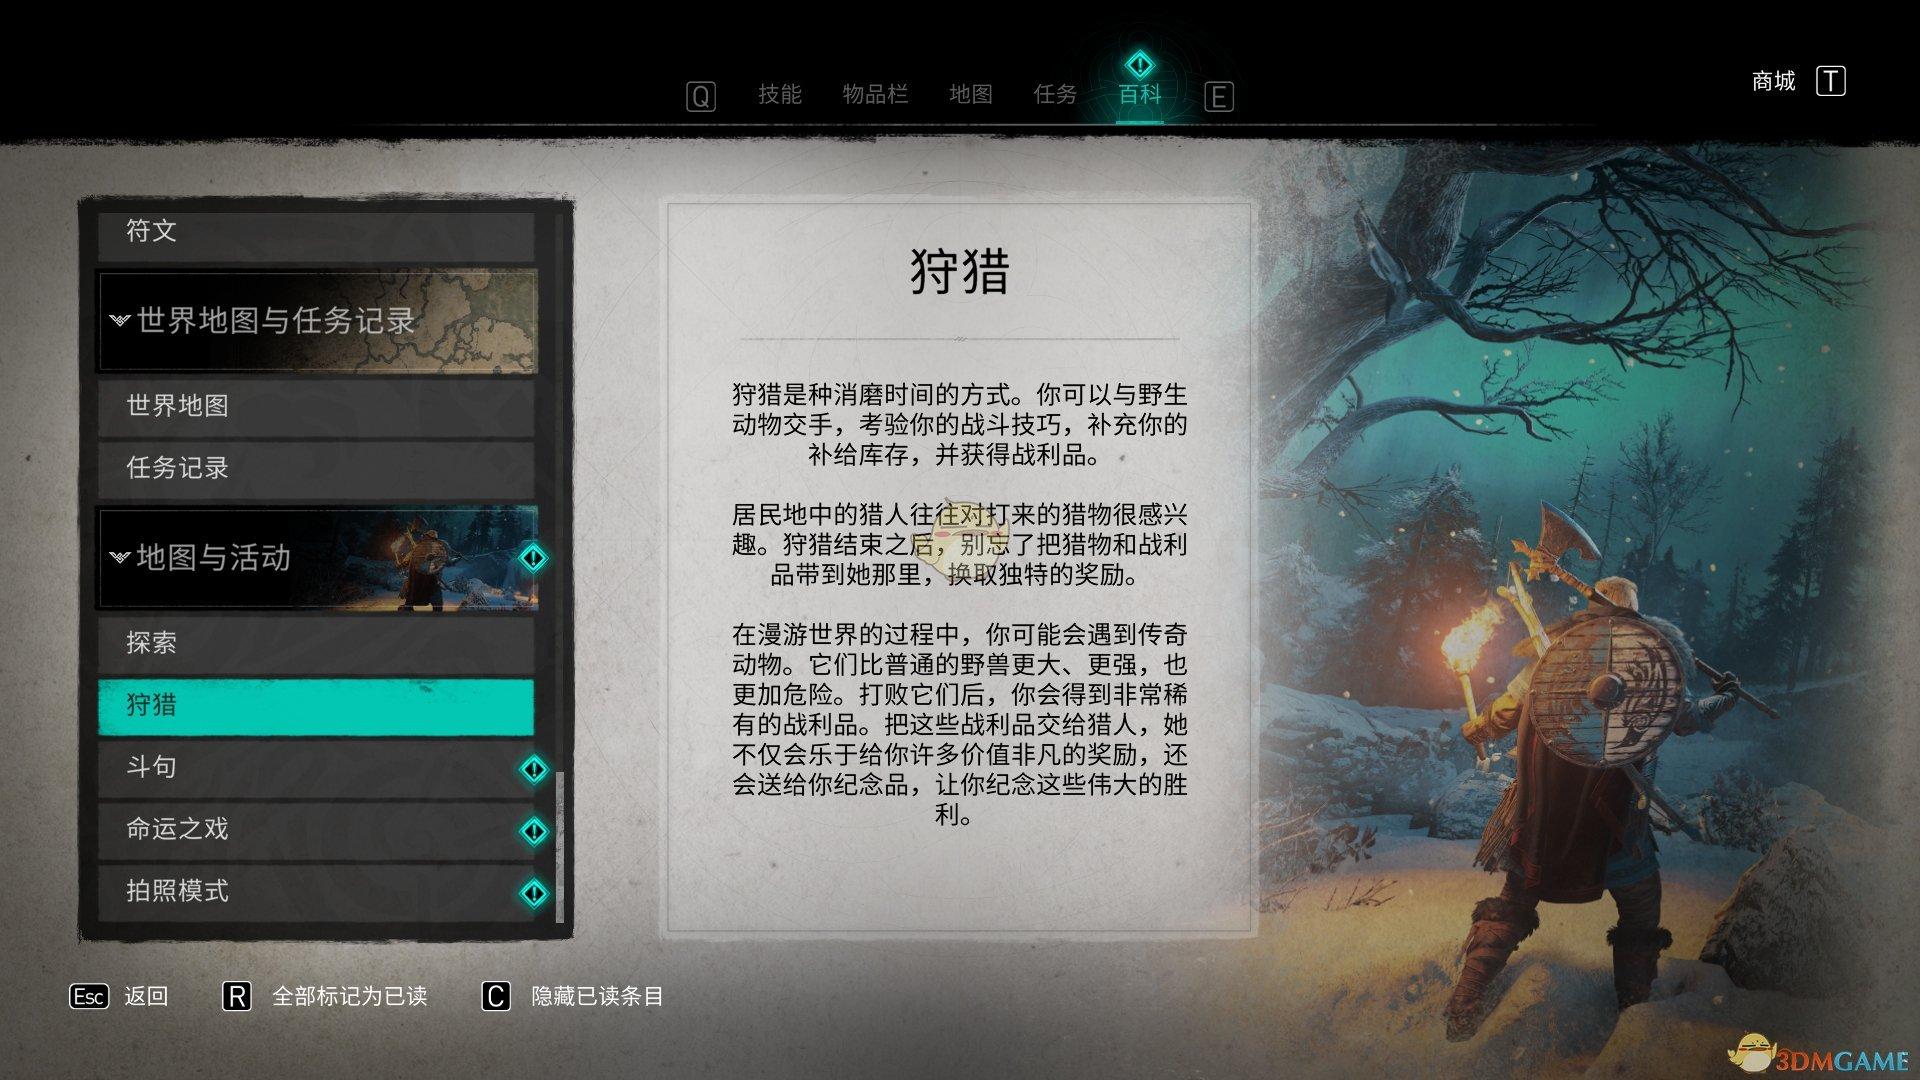 《刺客信条:英灵殿》狩猎系统介绍